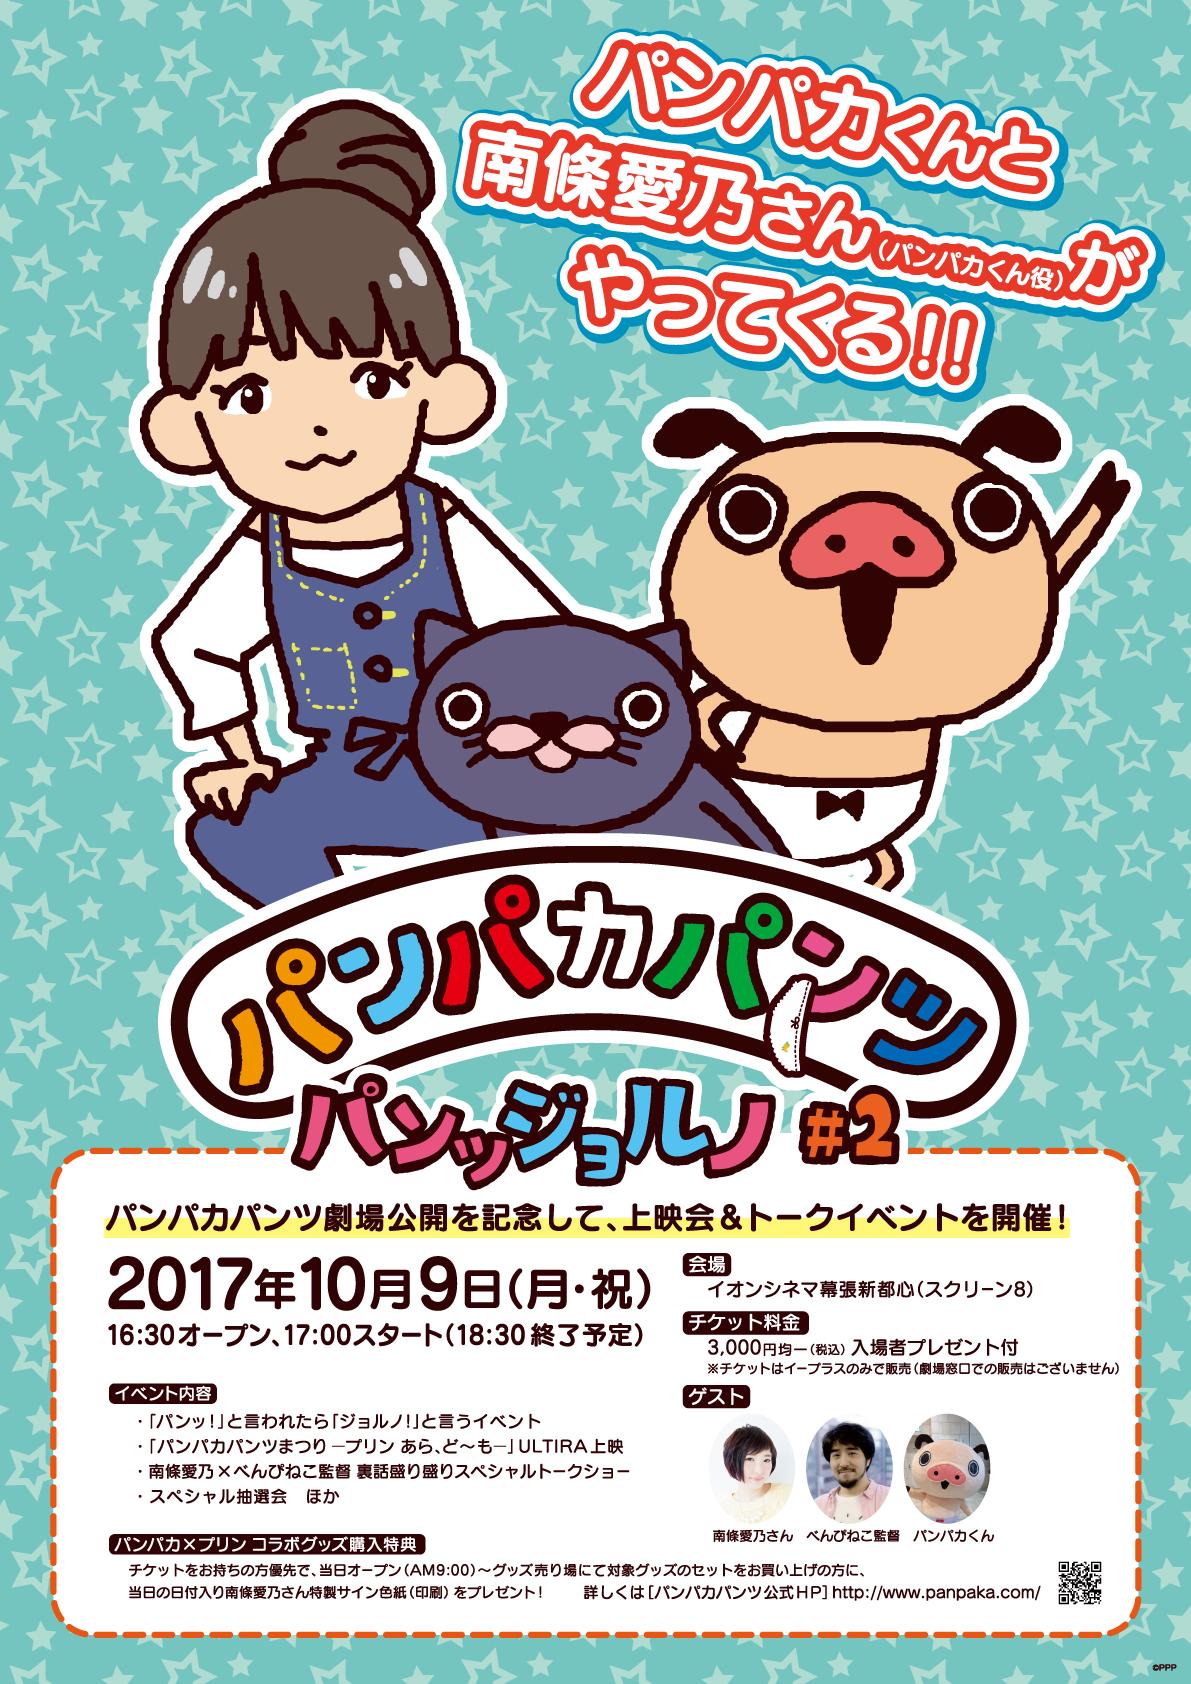 第2回「パンッジョルノ」追加公演決定!!